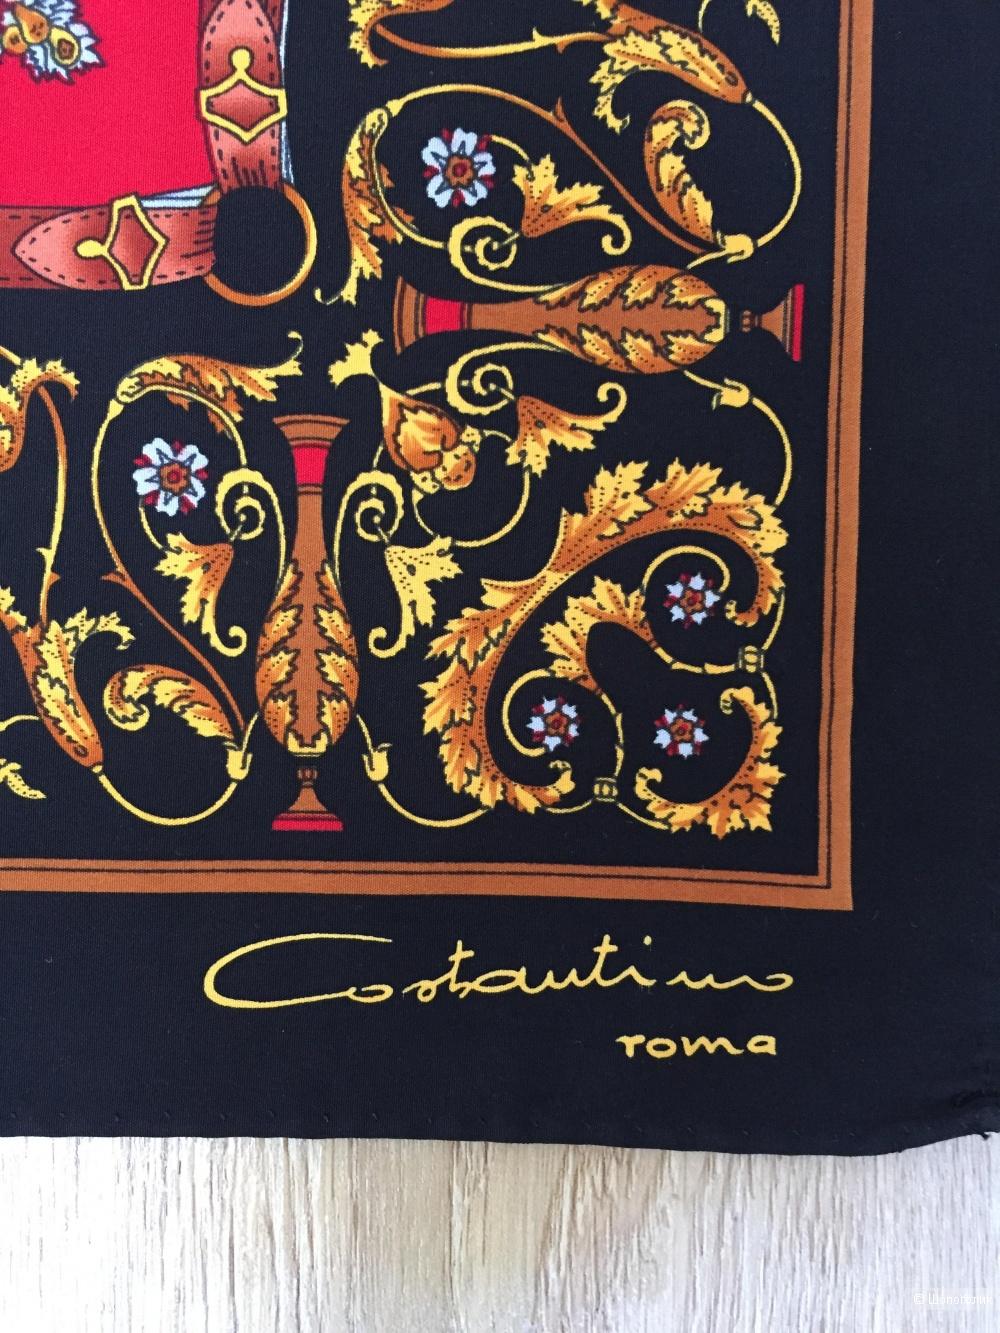 Платок Costantino Roma 85 х 85 см